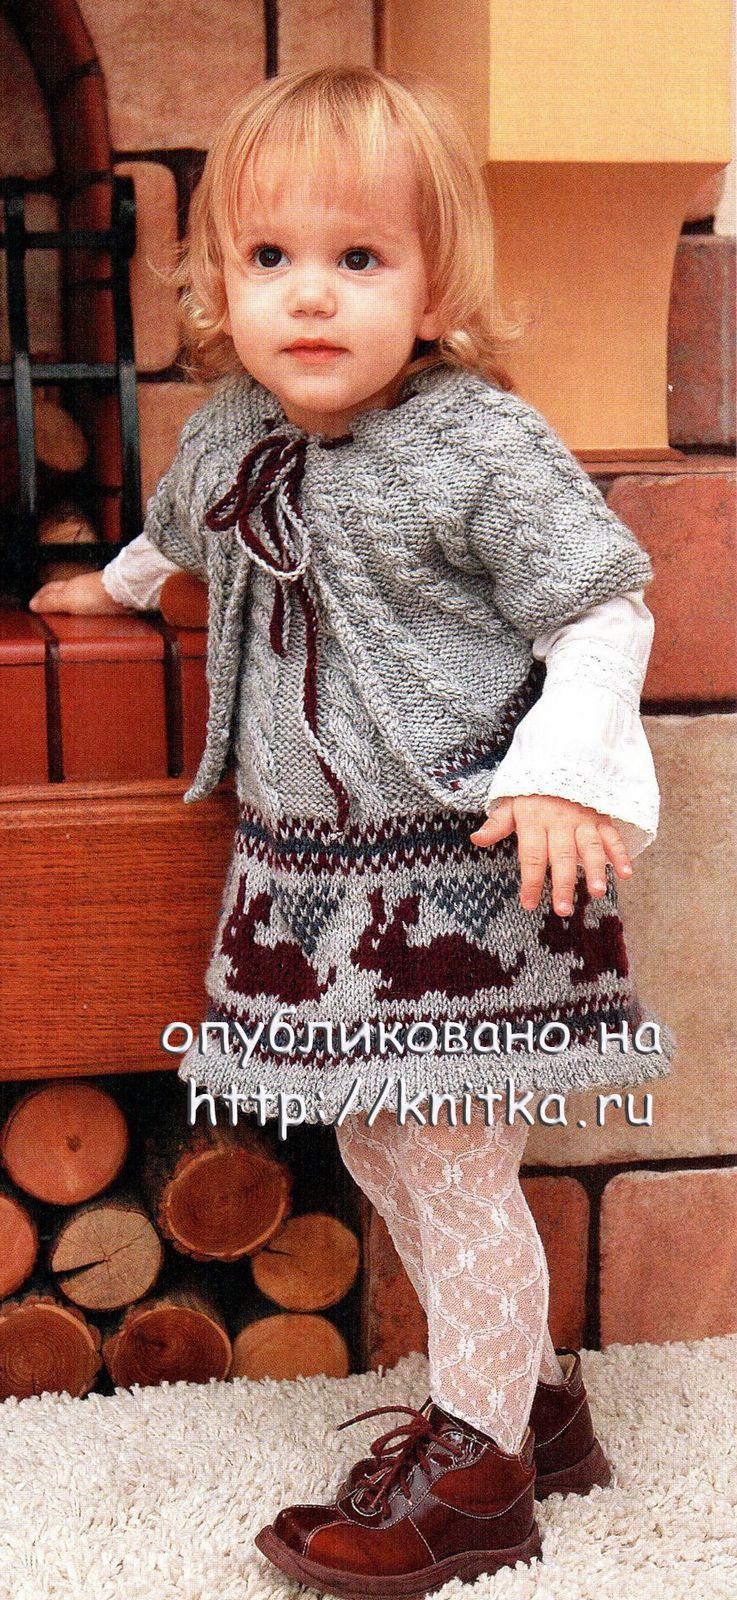 Вязание спицами для для маленьких девочек